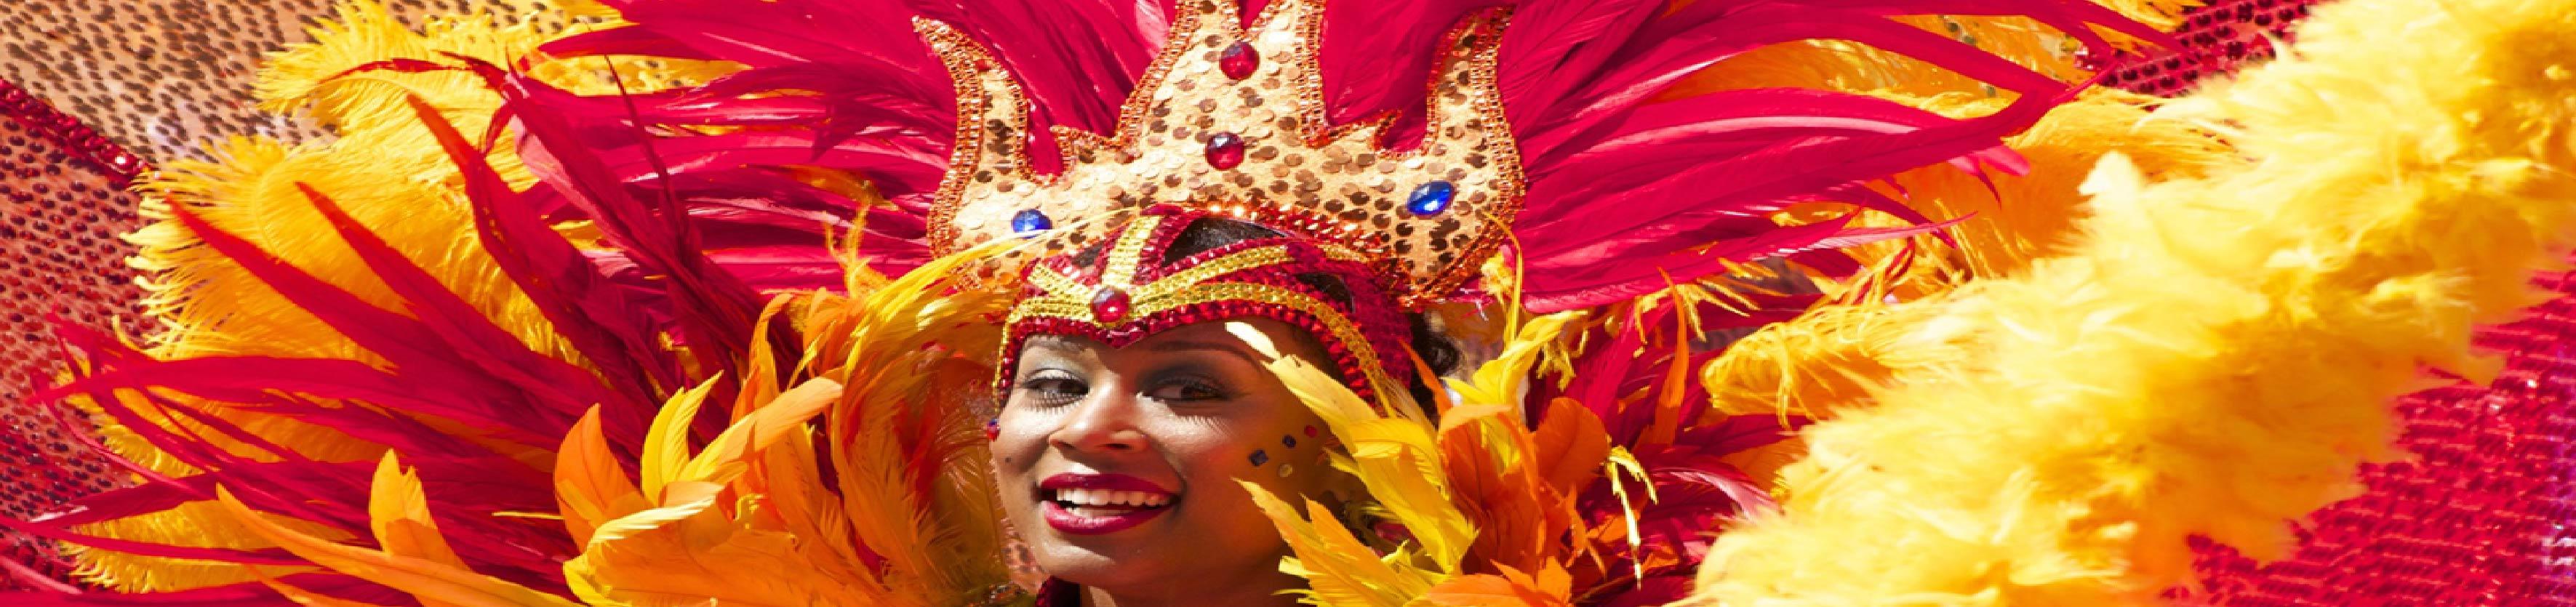 مهرجانات حول العالم: تعرف على ثقافات الشعوب المختلفة